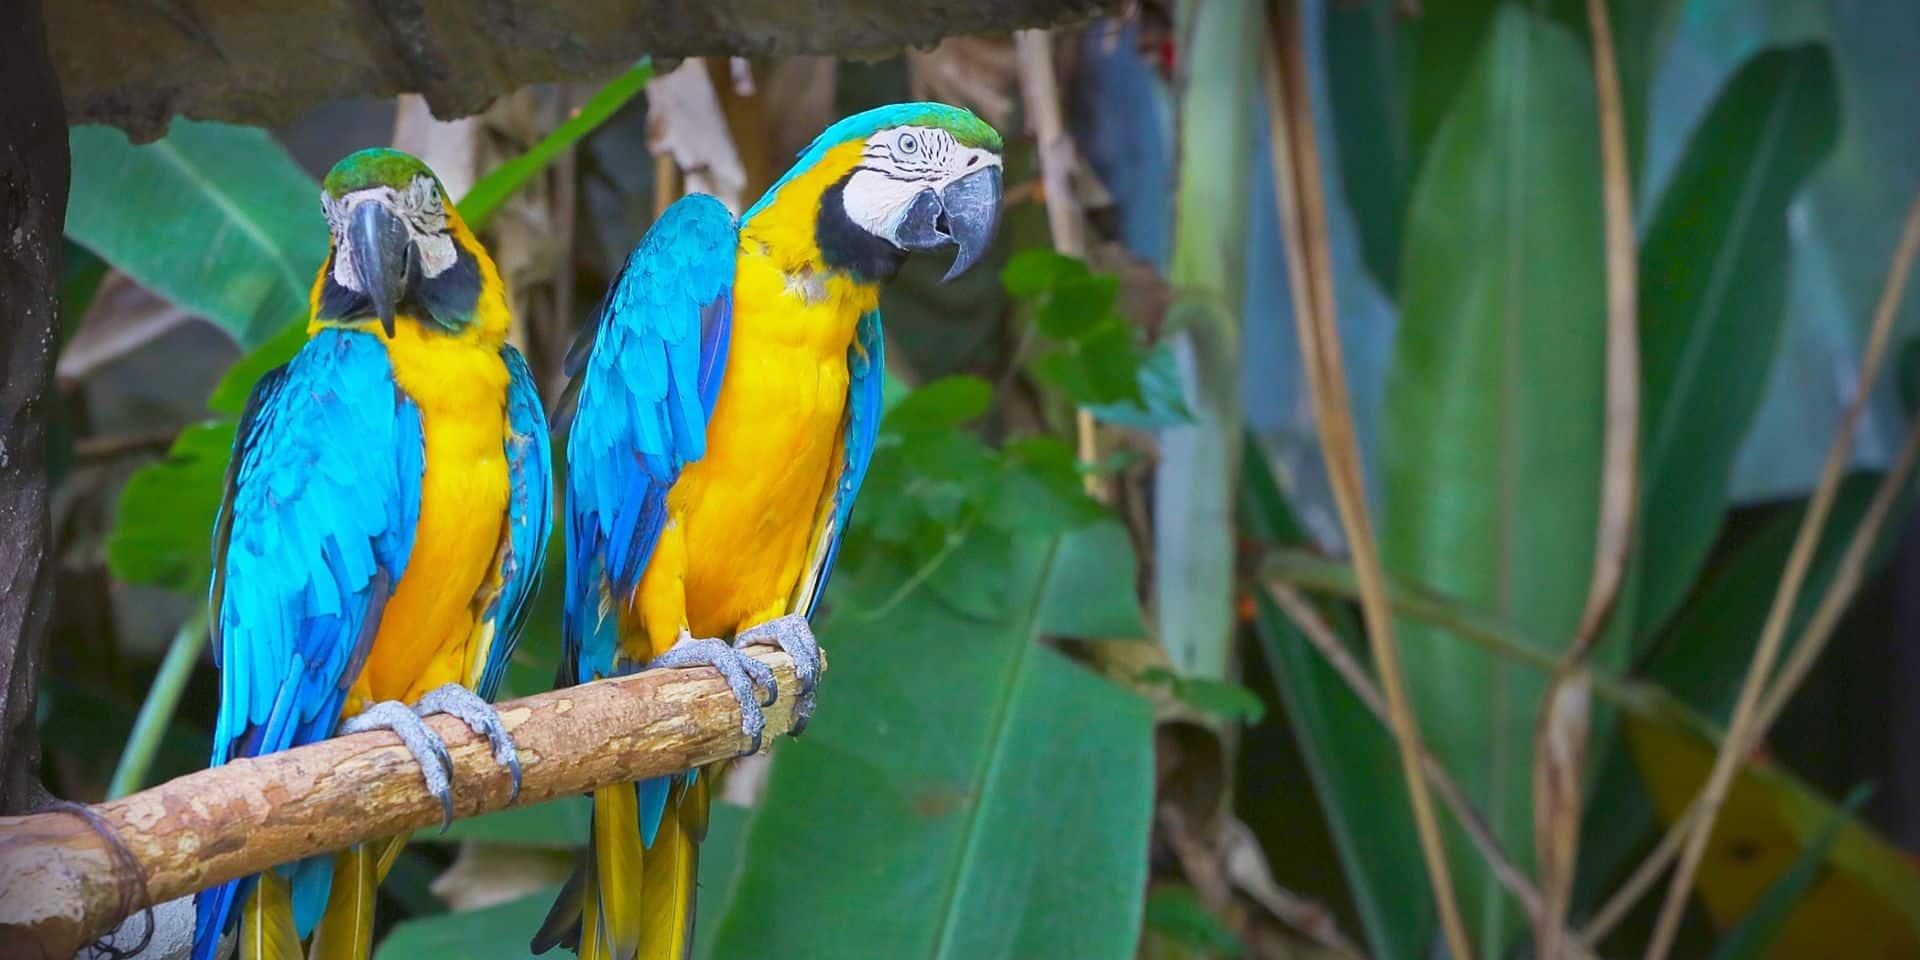 Un trafic illégal d'espèces rares d'oiseaux et reptiles en Belgique ?